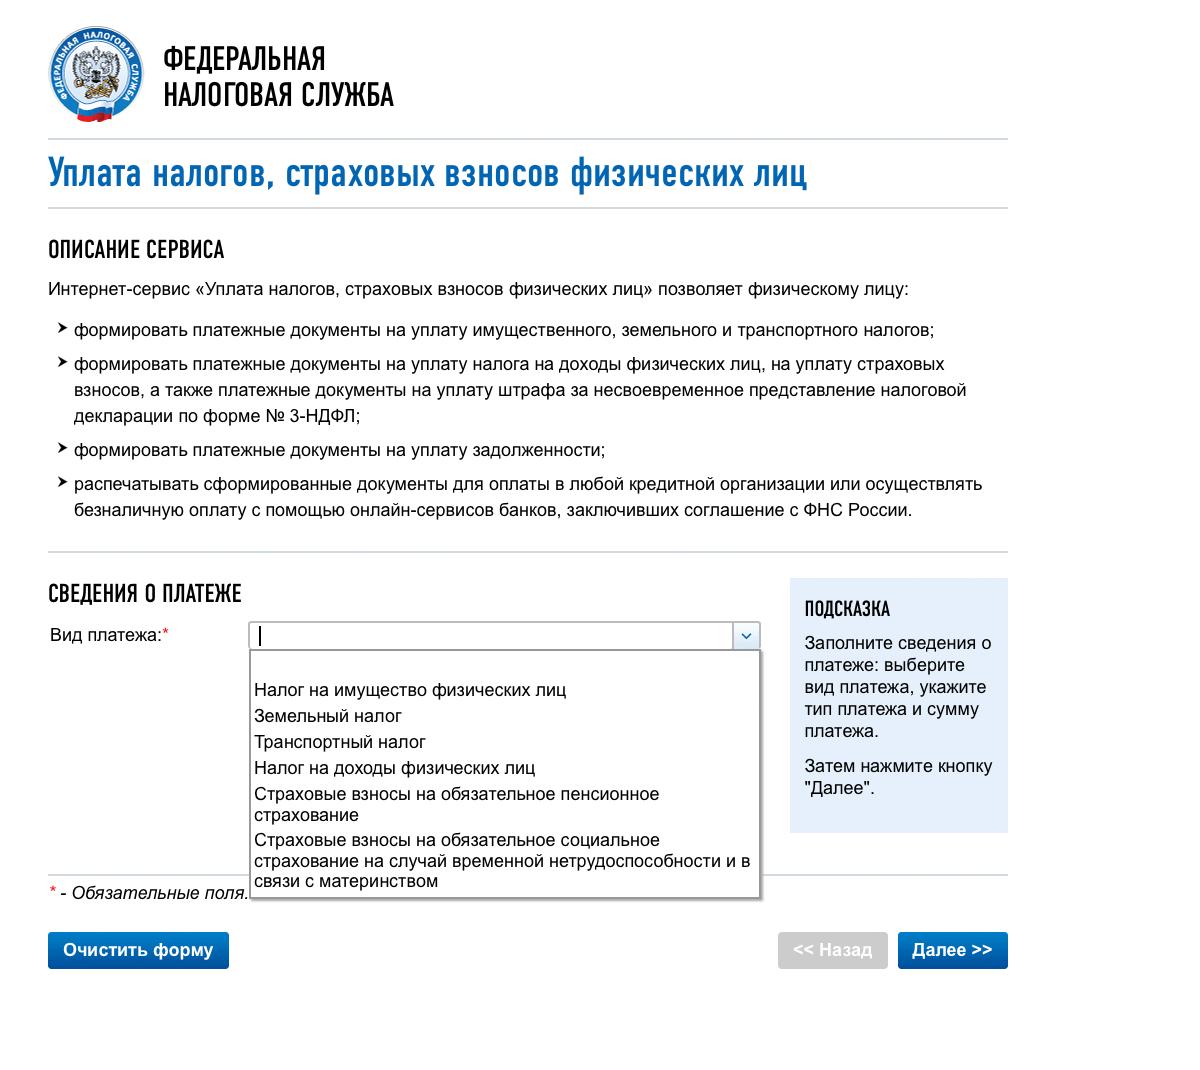 Чтобы сформировать платежное поручение на сайте налоговой и оплатить НДФЛ, необходимо выбрать «Налог на доходы физических лиц» в качестве вида платежа и следовать инструкции